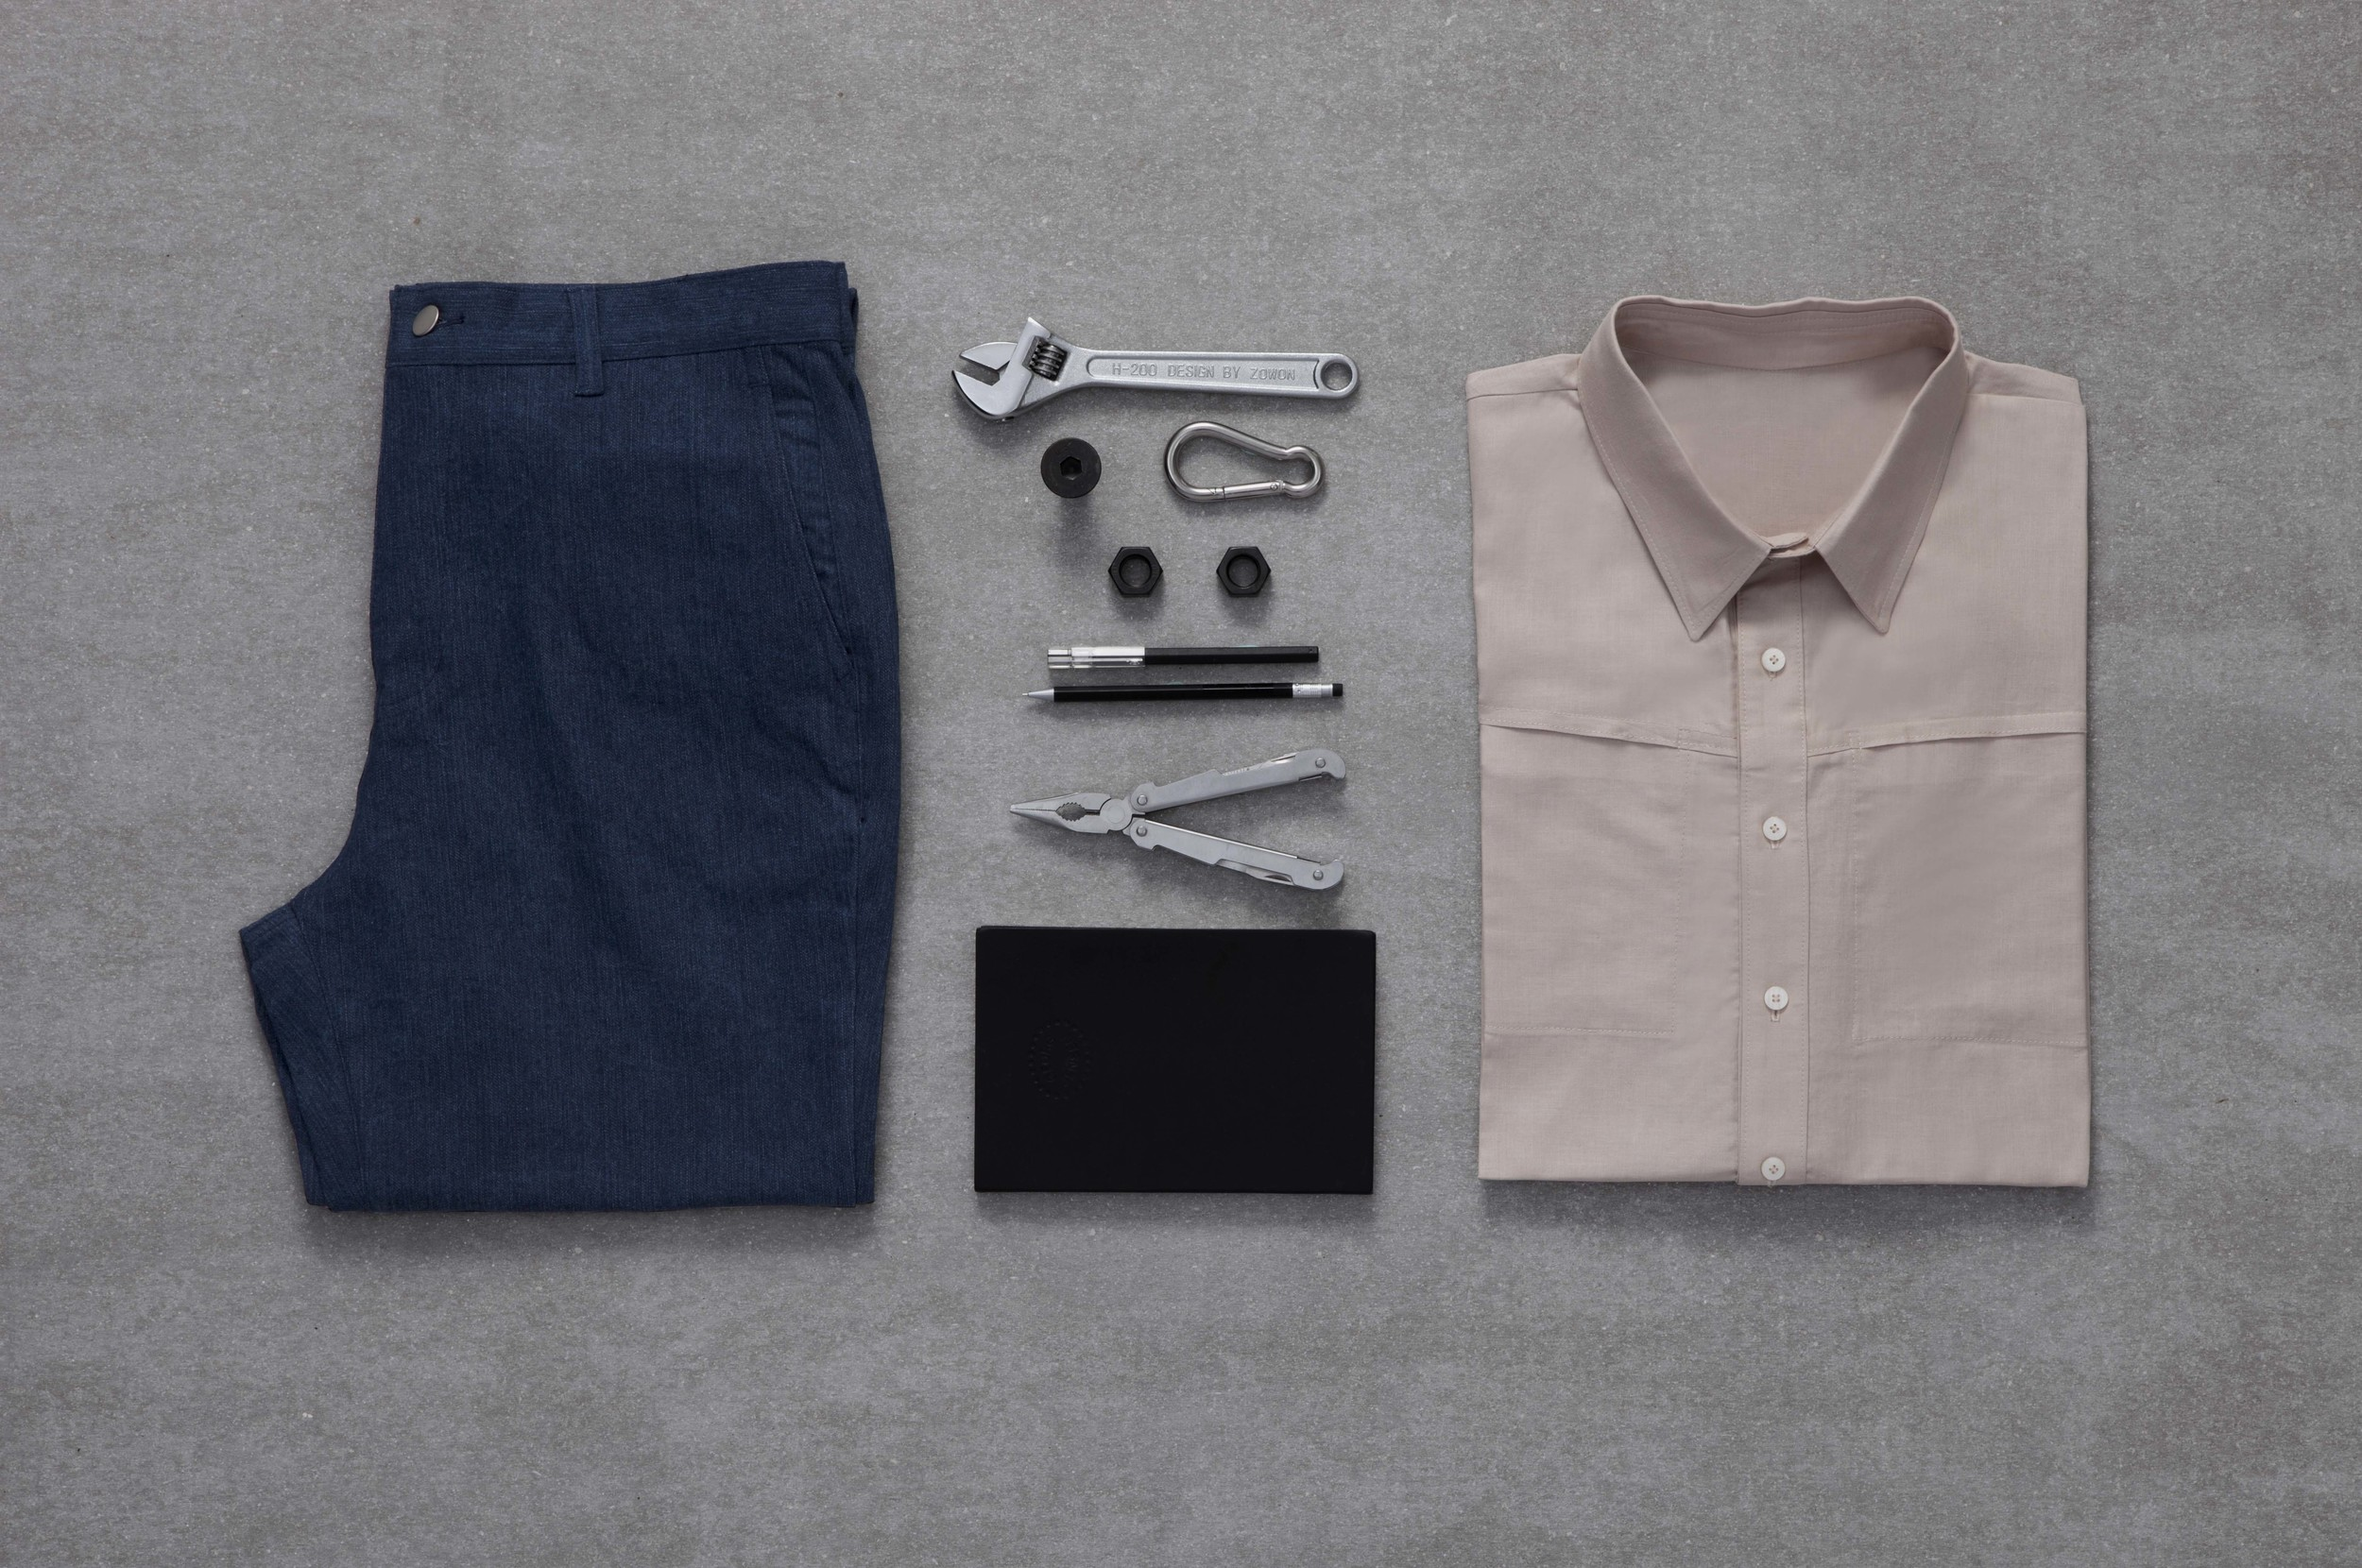 ss uniform design